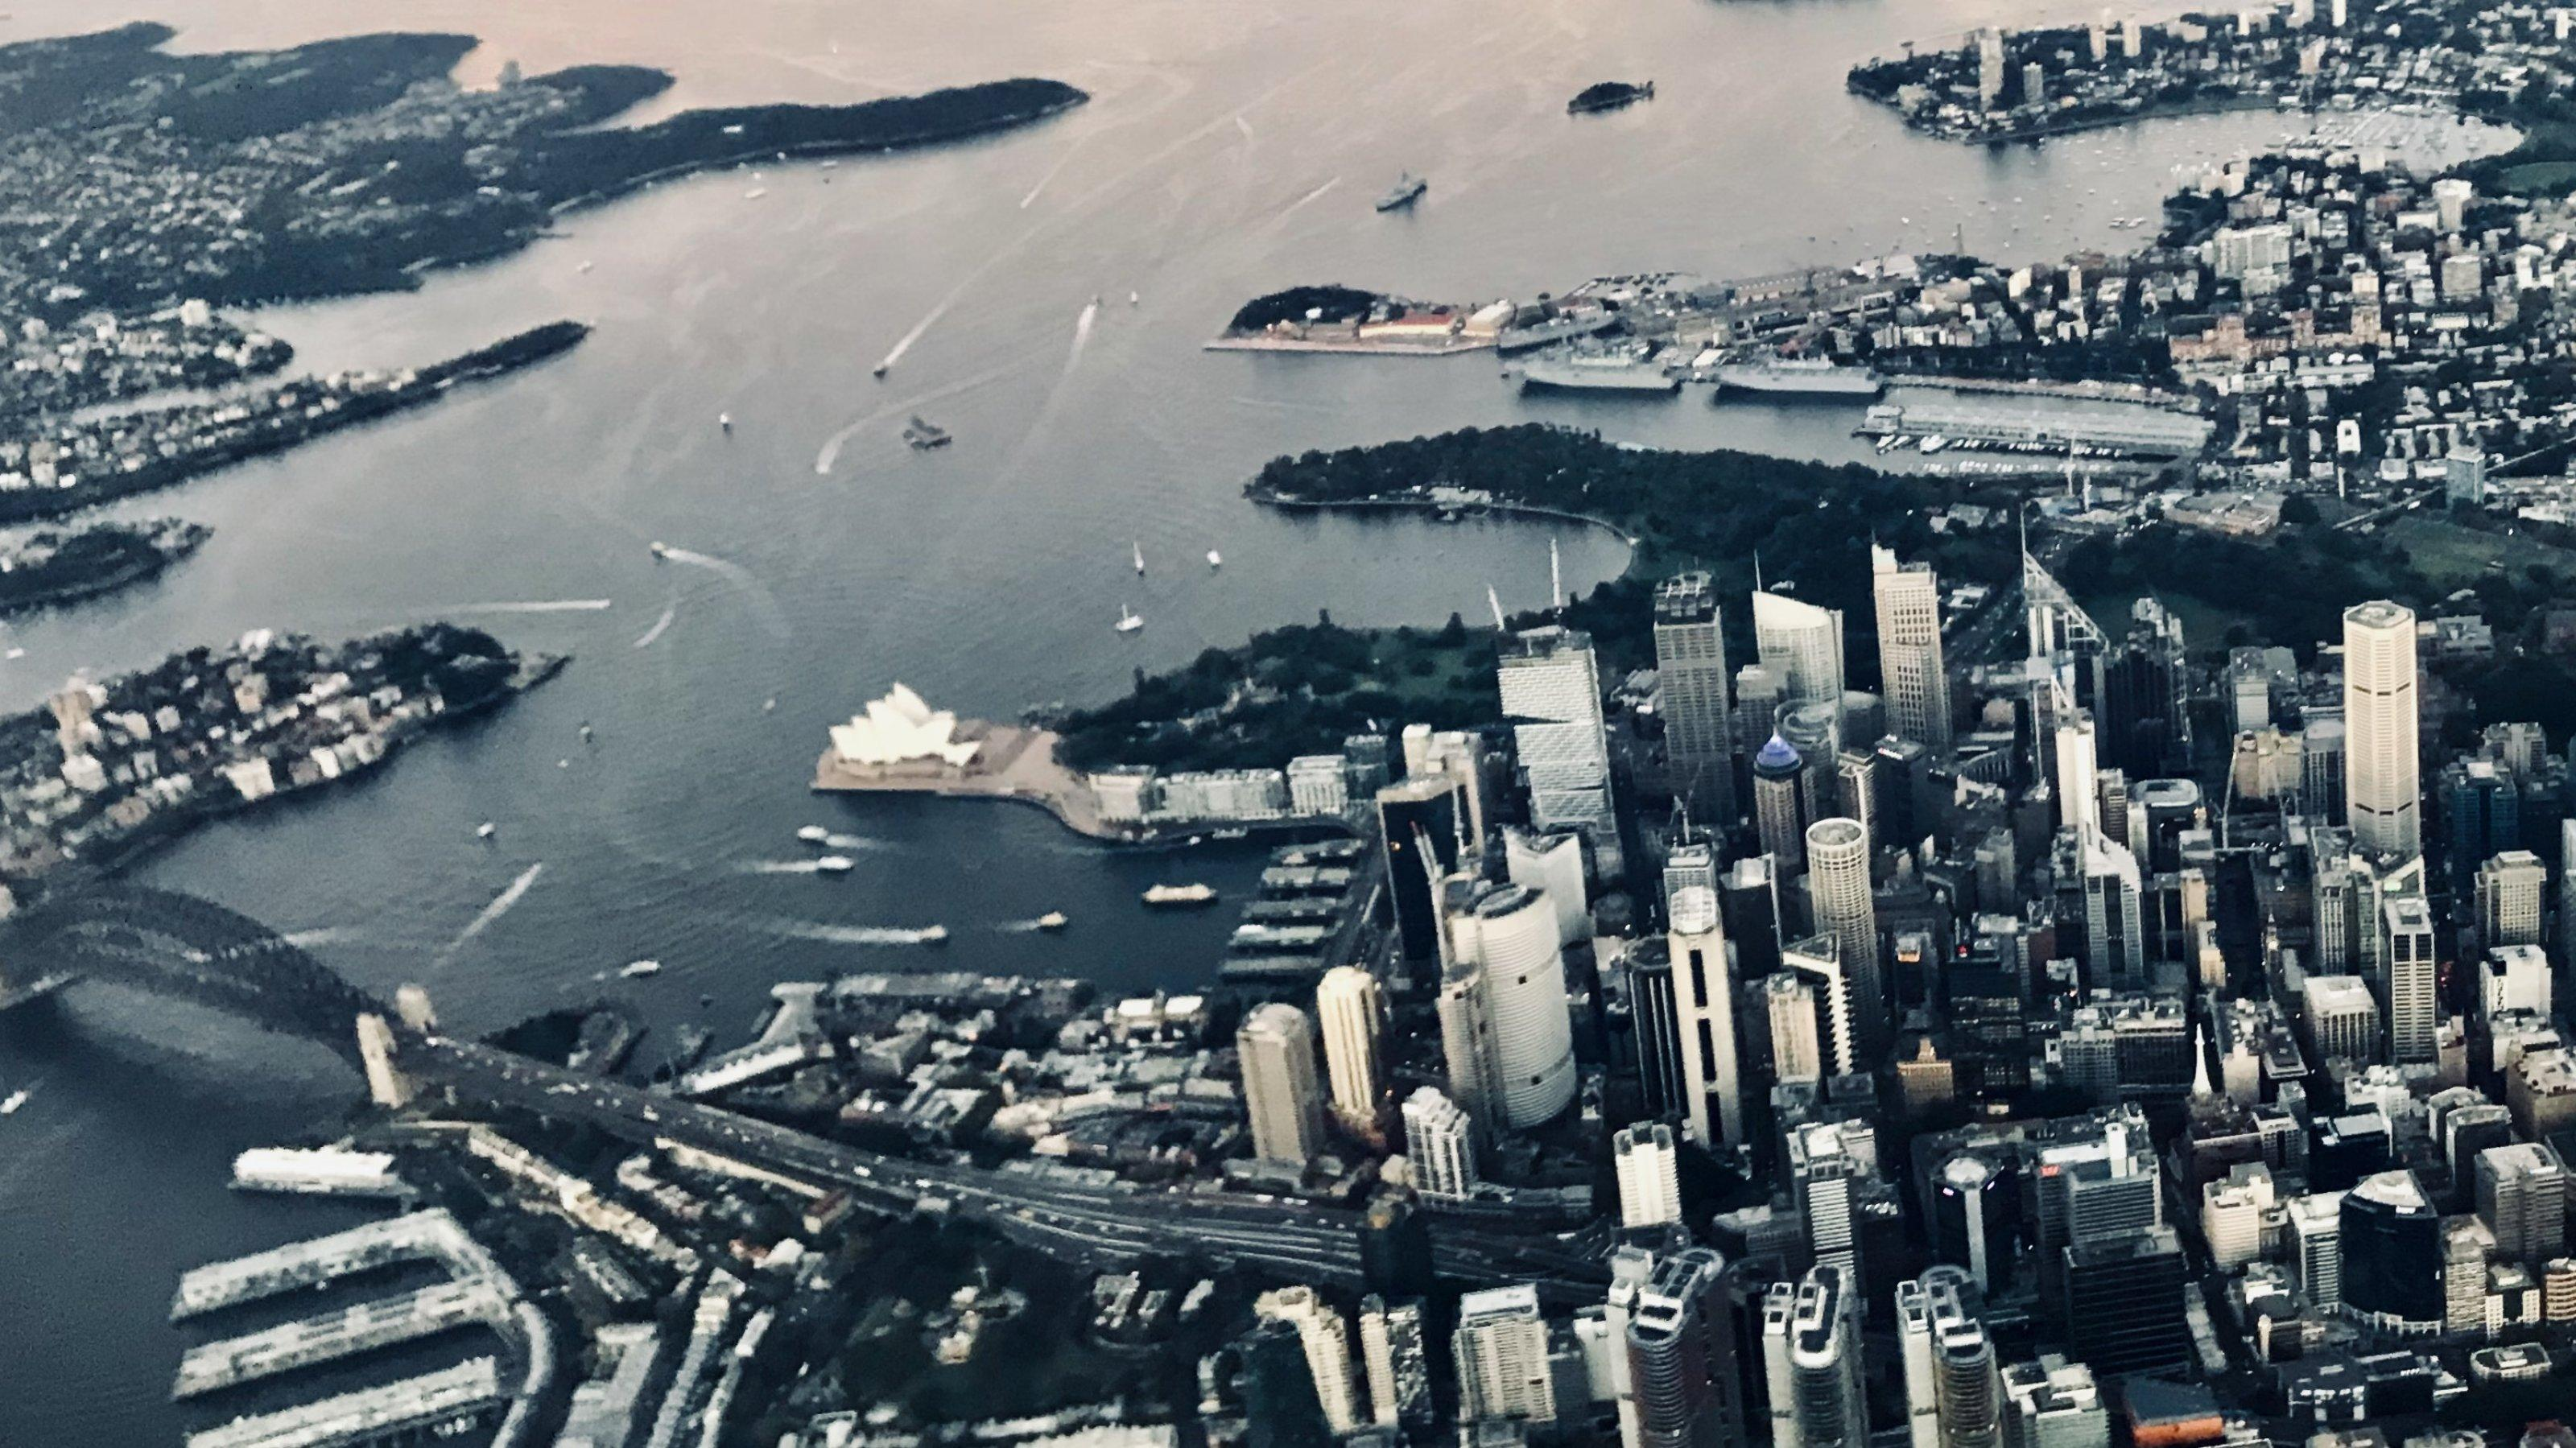 Luftaufnahme von Sydneys Hafen während des Anflugs – Ausreisen dürfen die Einheimischen nach wie vor nur mit Ausnahmegenehmigung.